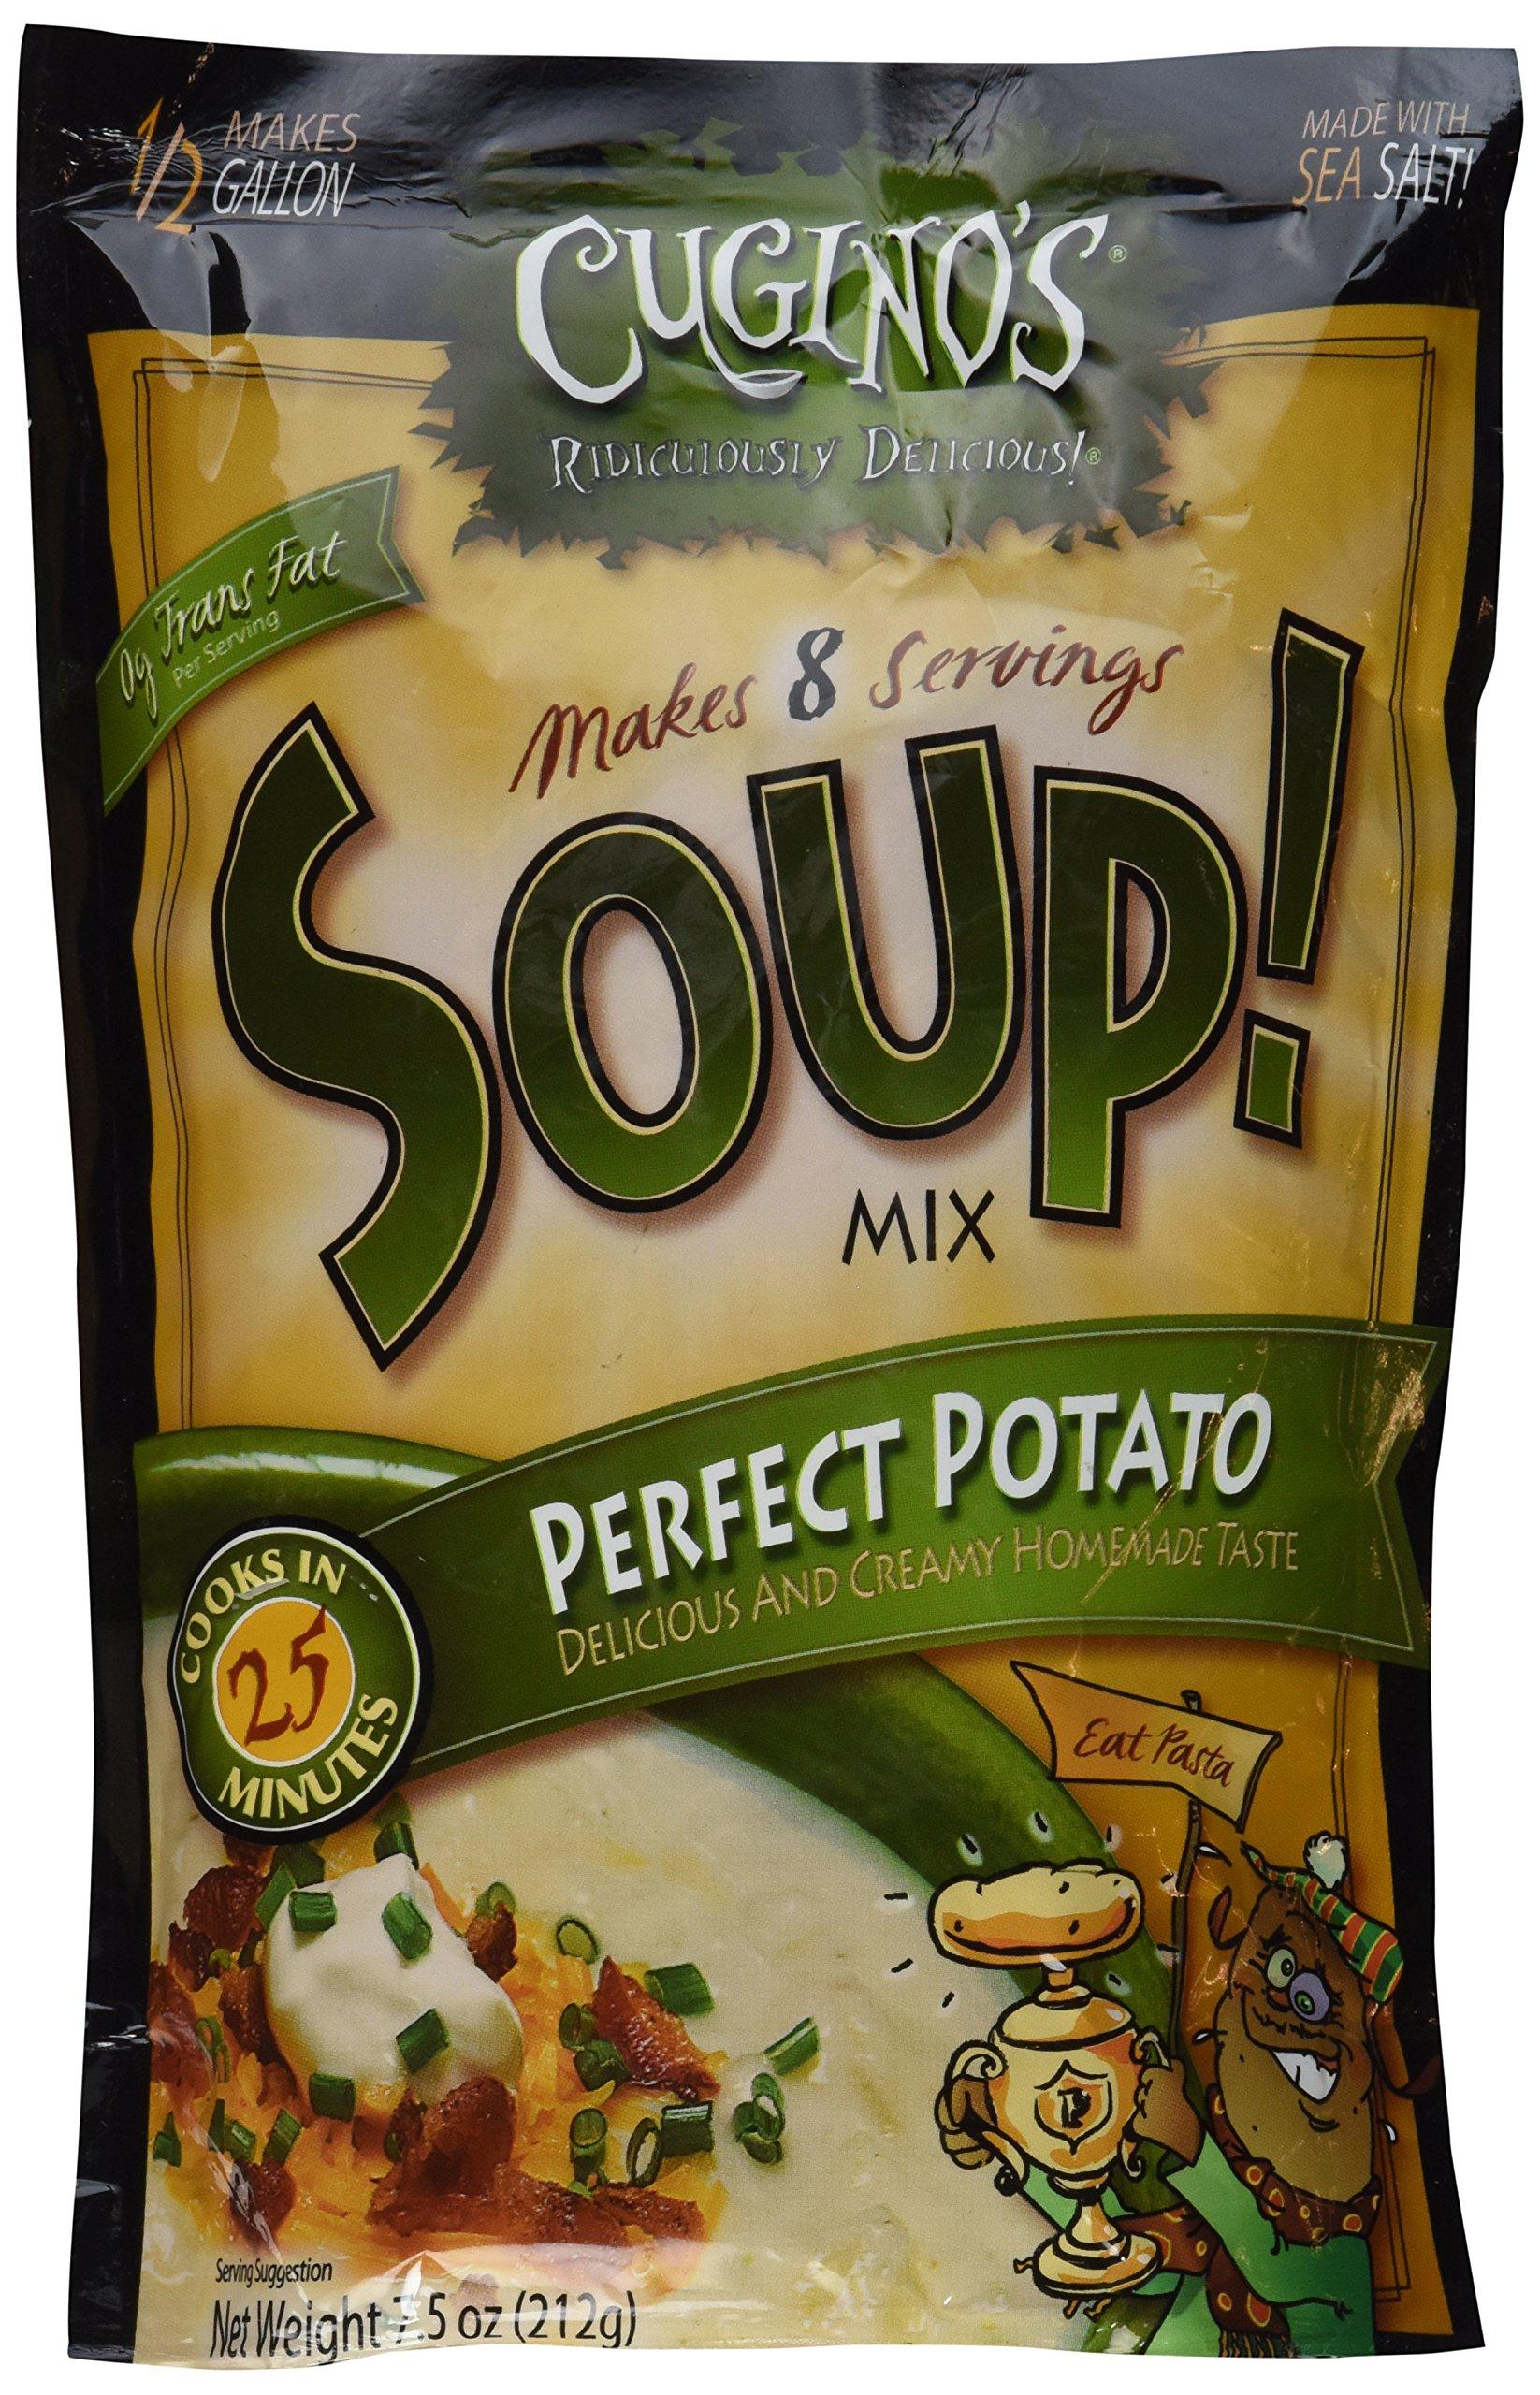 Dry Soup Mix Perf Potato